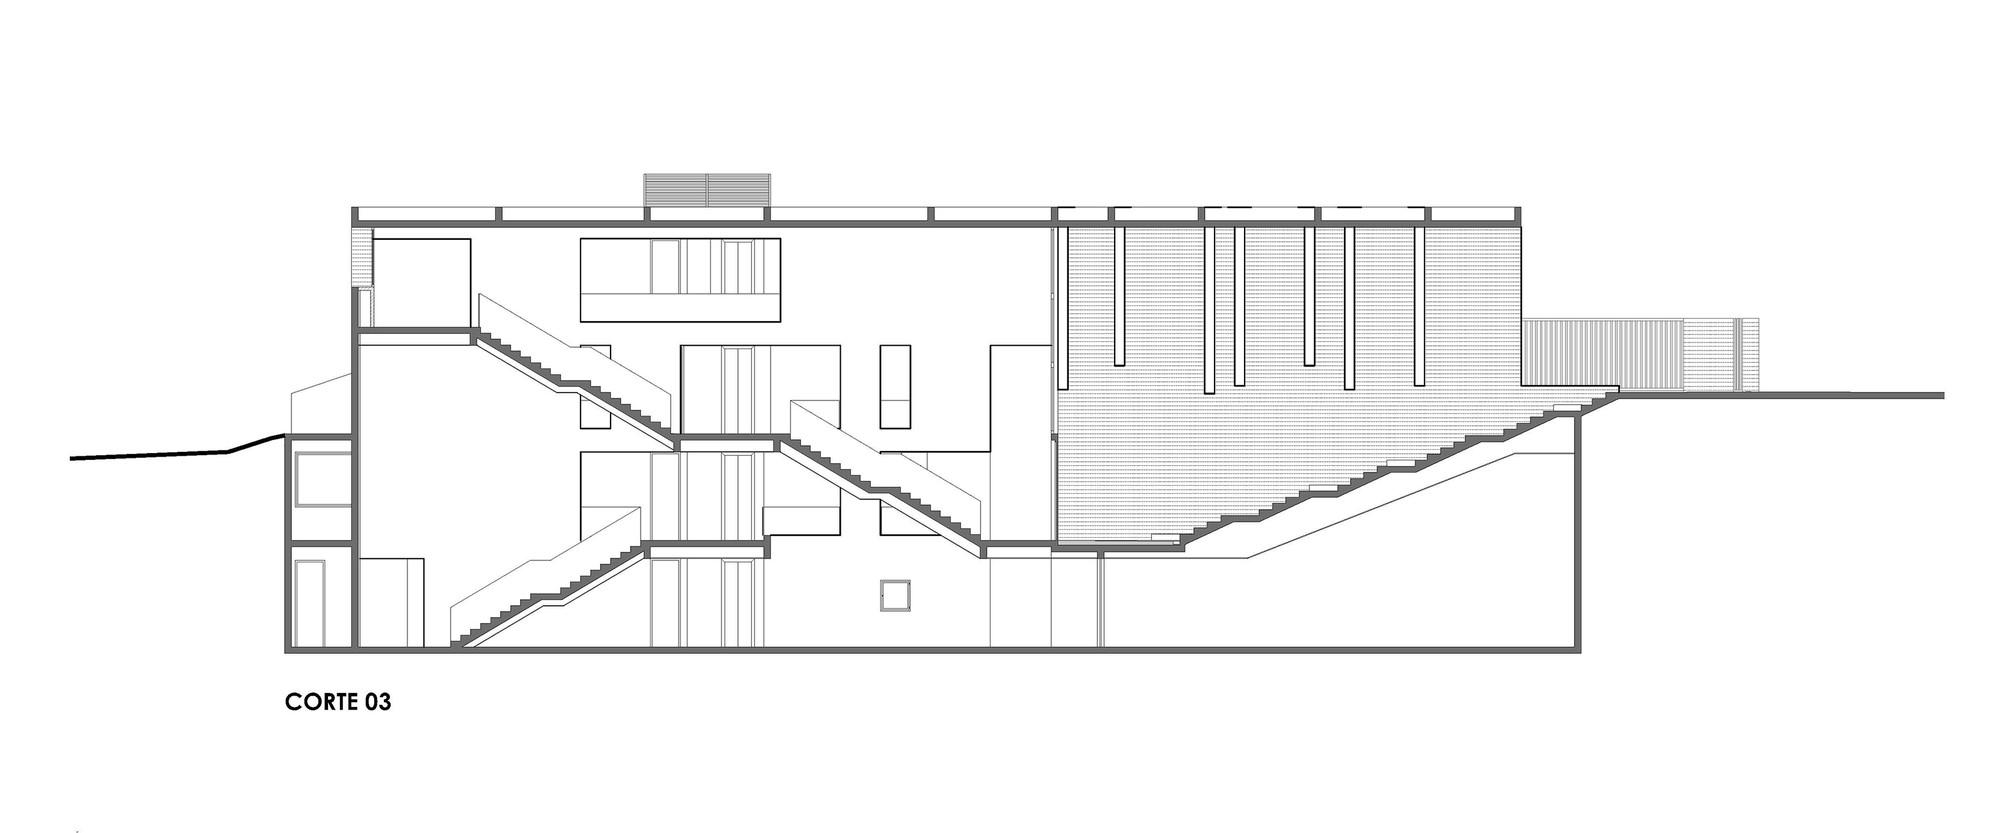 Sección 03